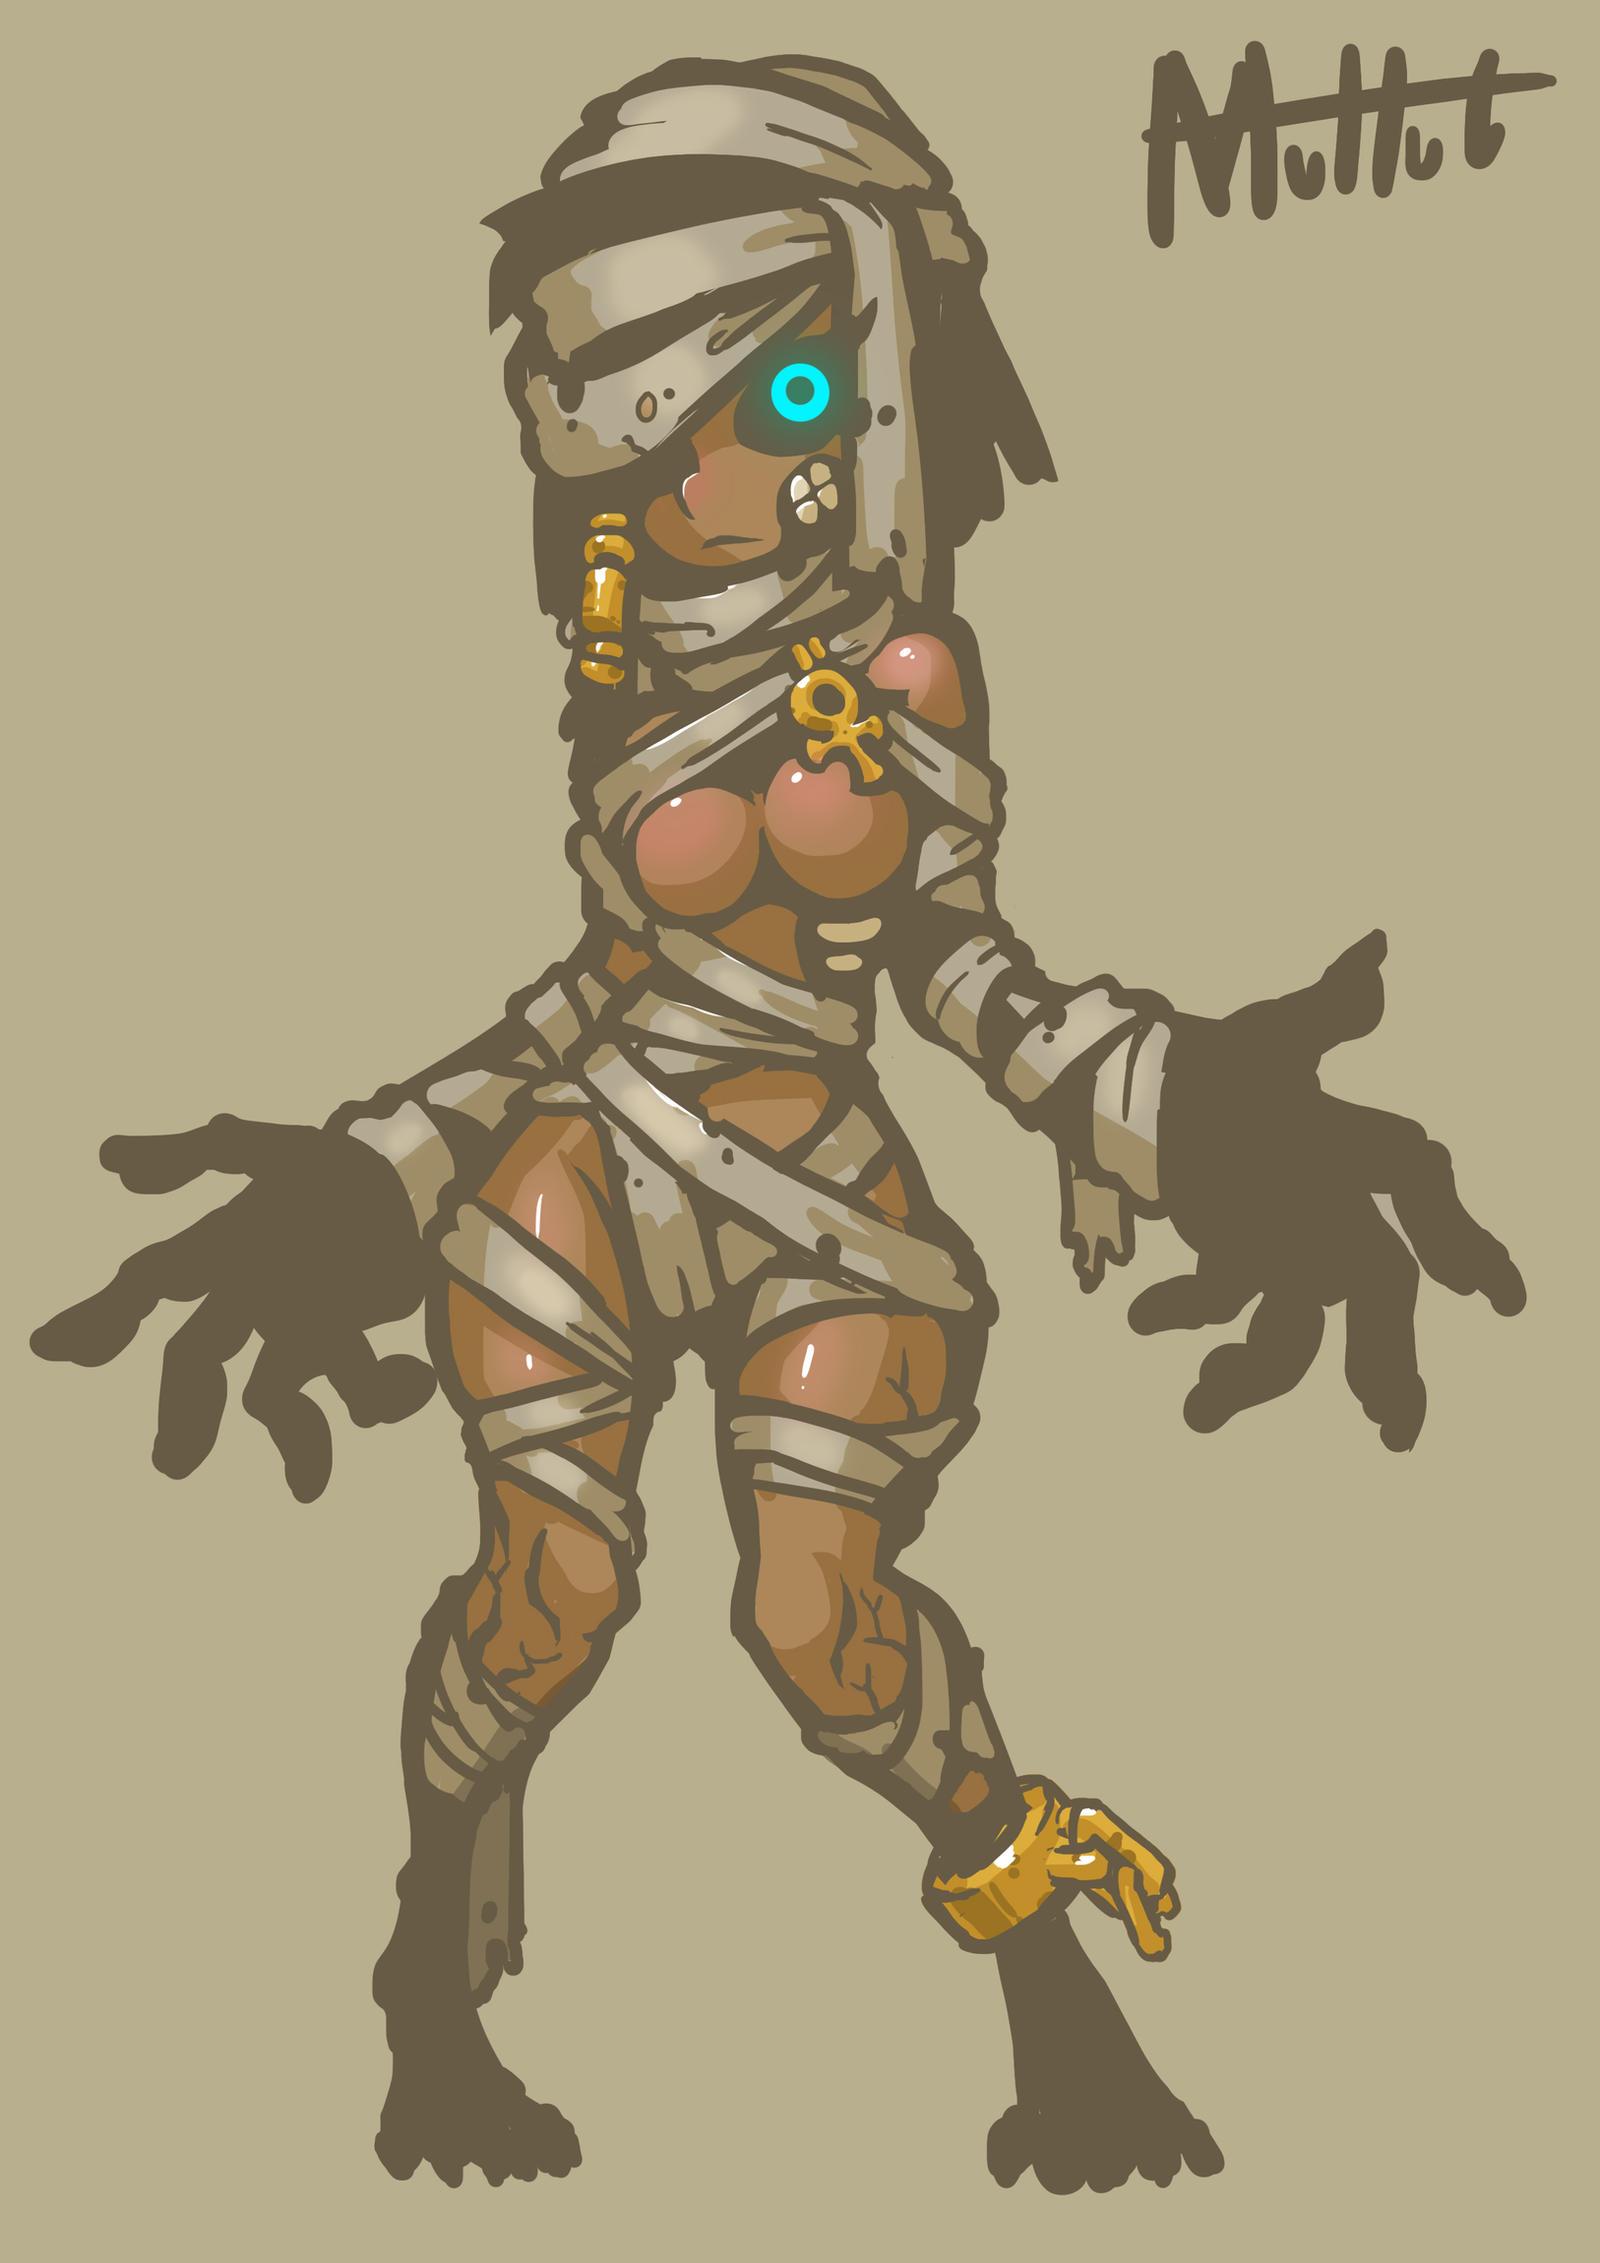 Cute mummy Girl by MuHut